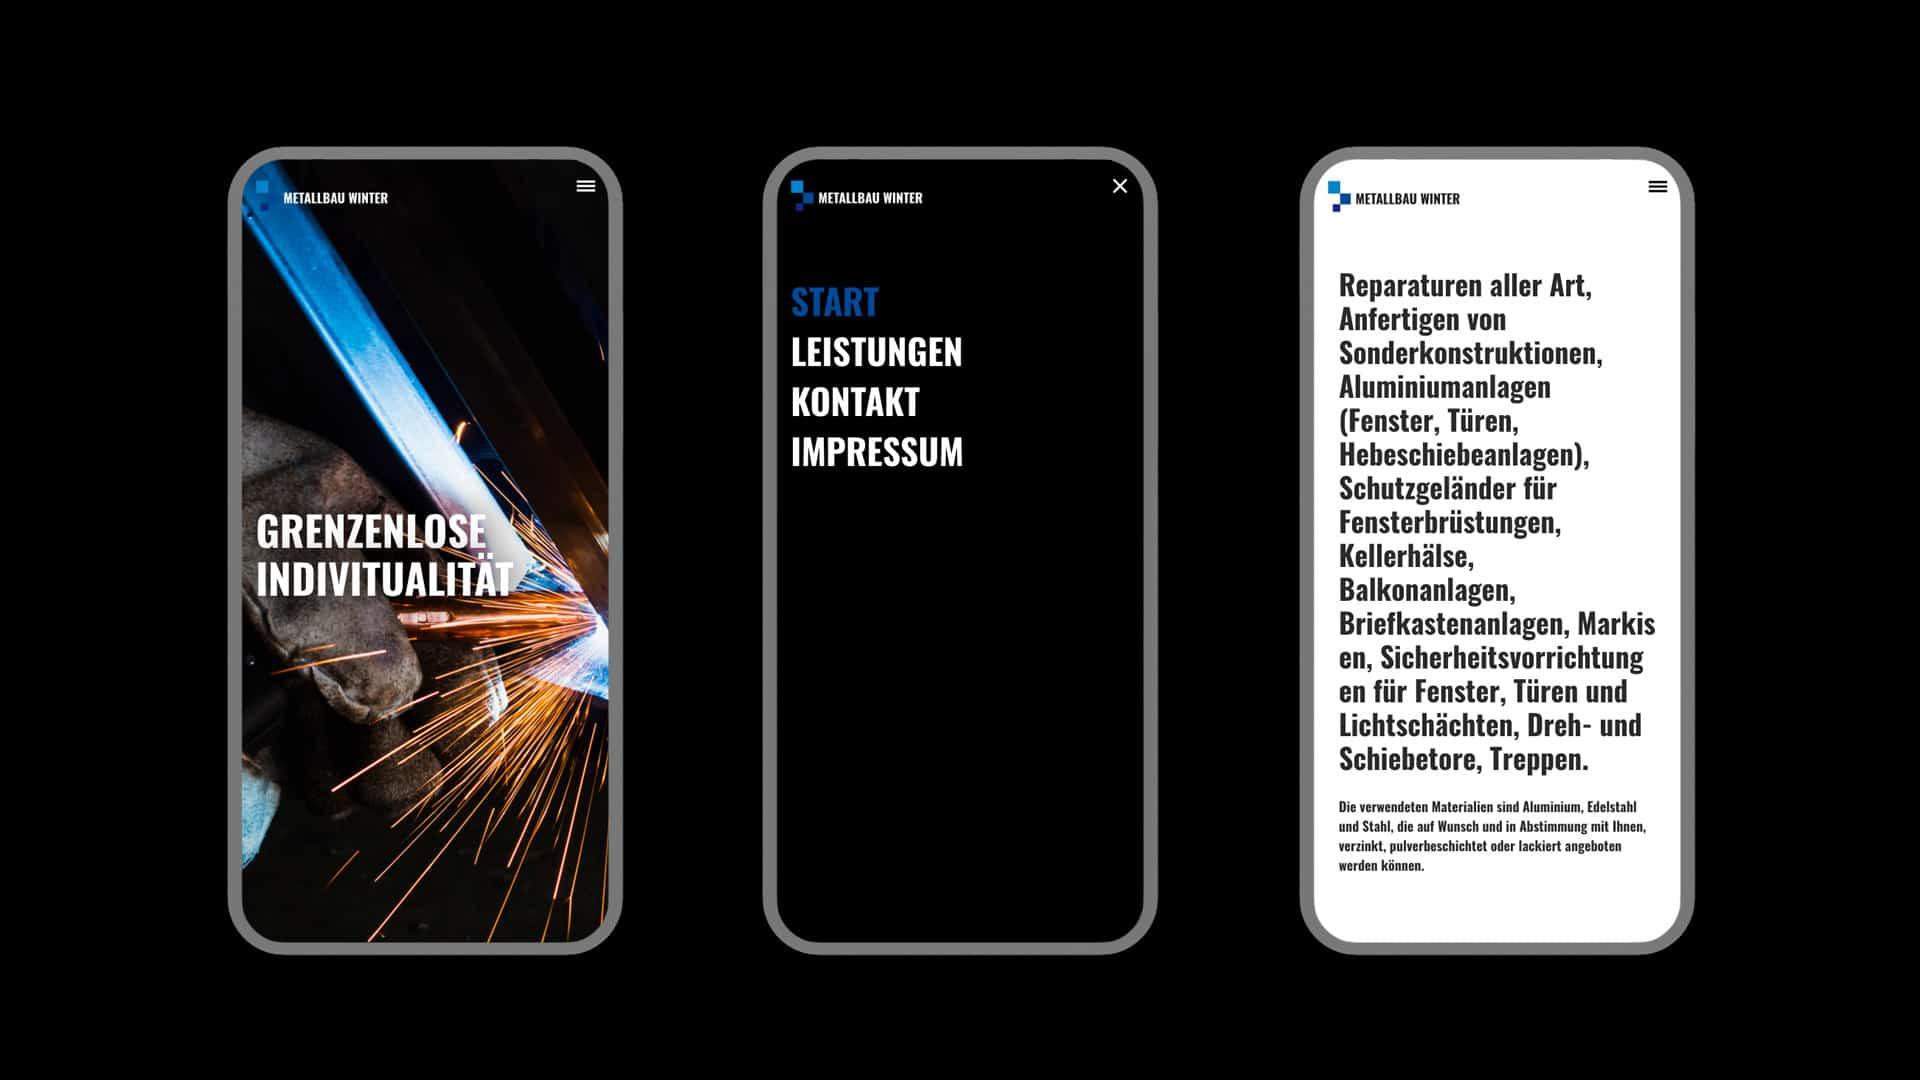 Mobile Webdesign für Dirk Winter aus Münster